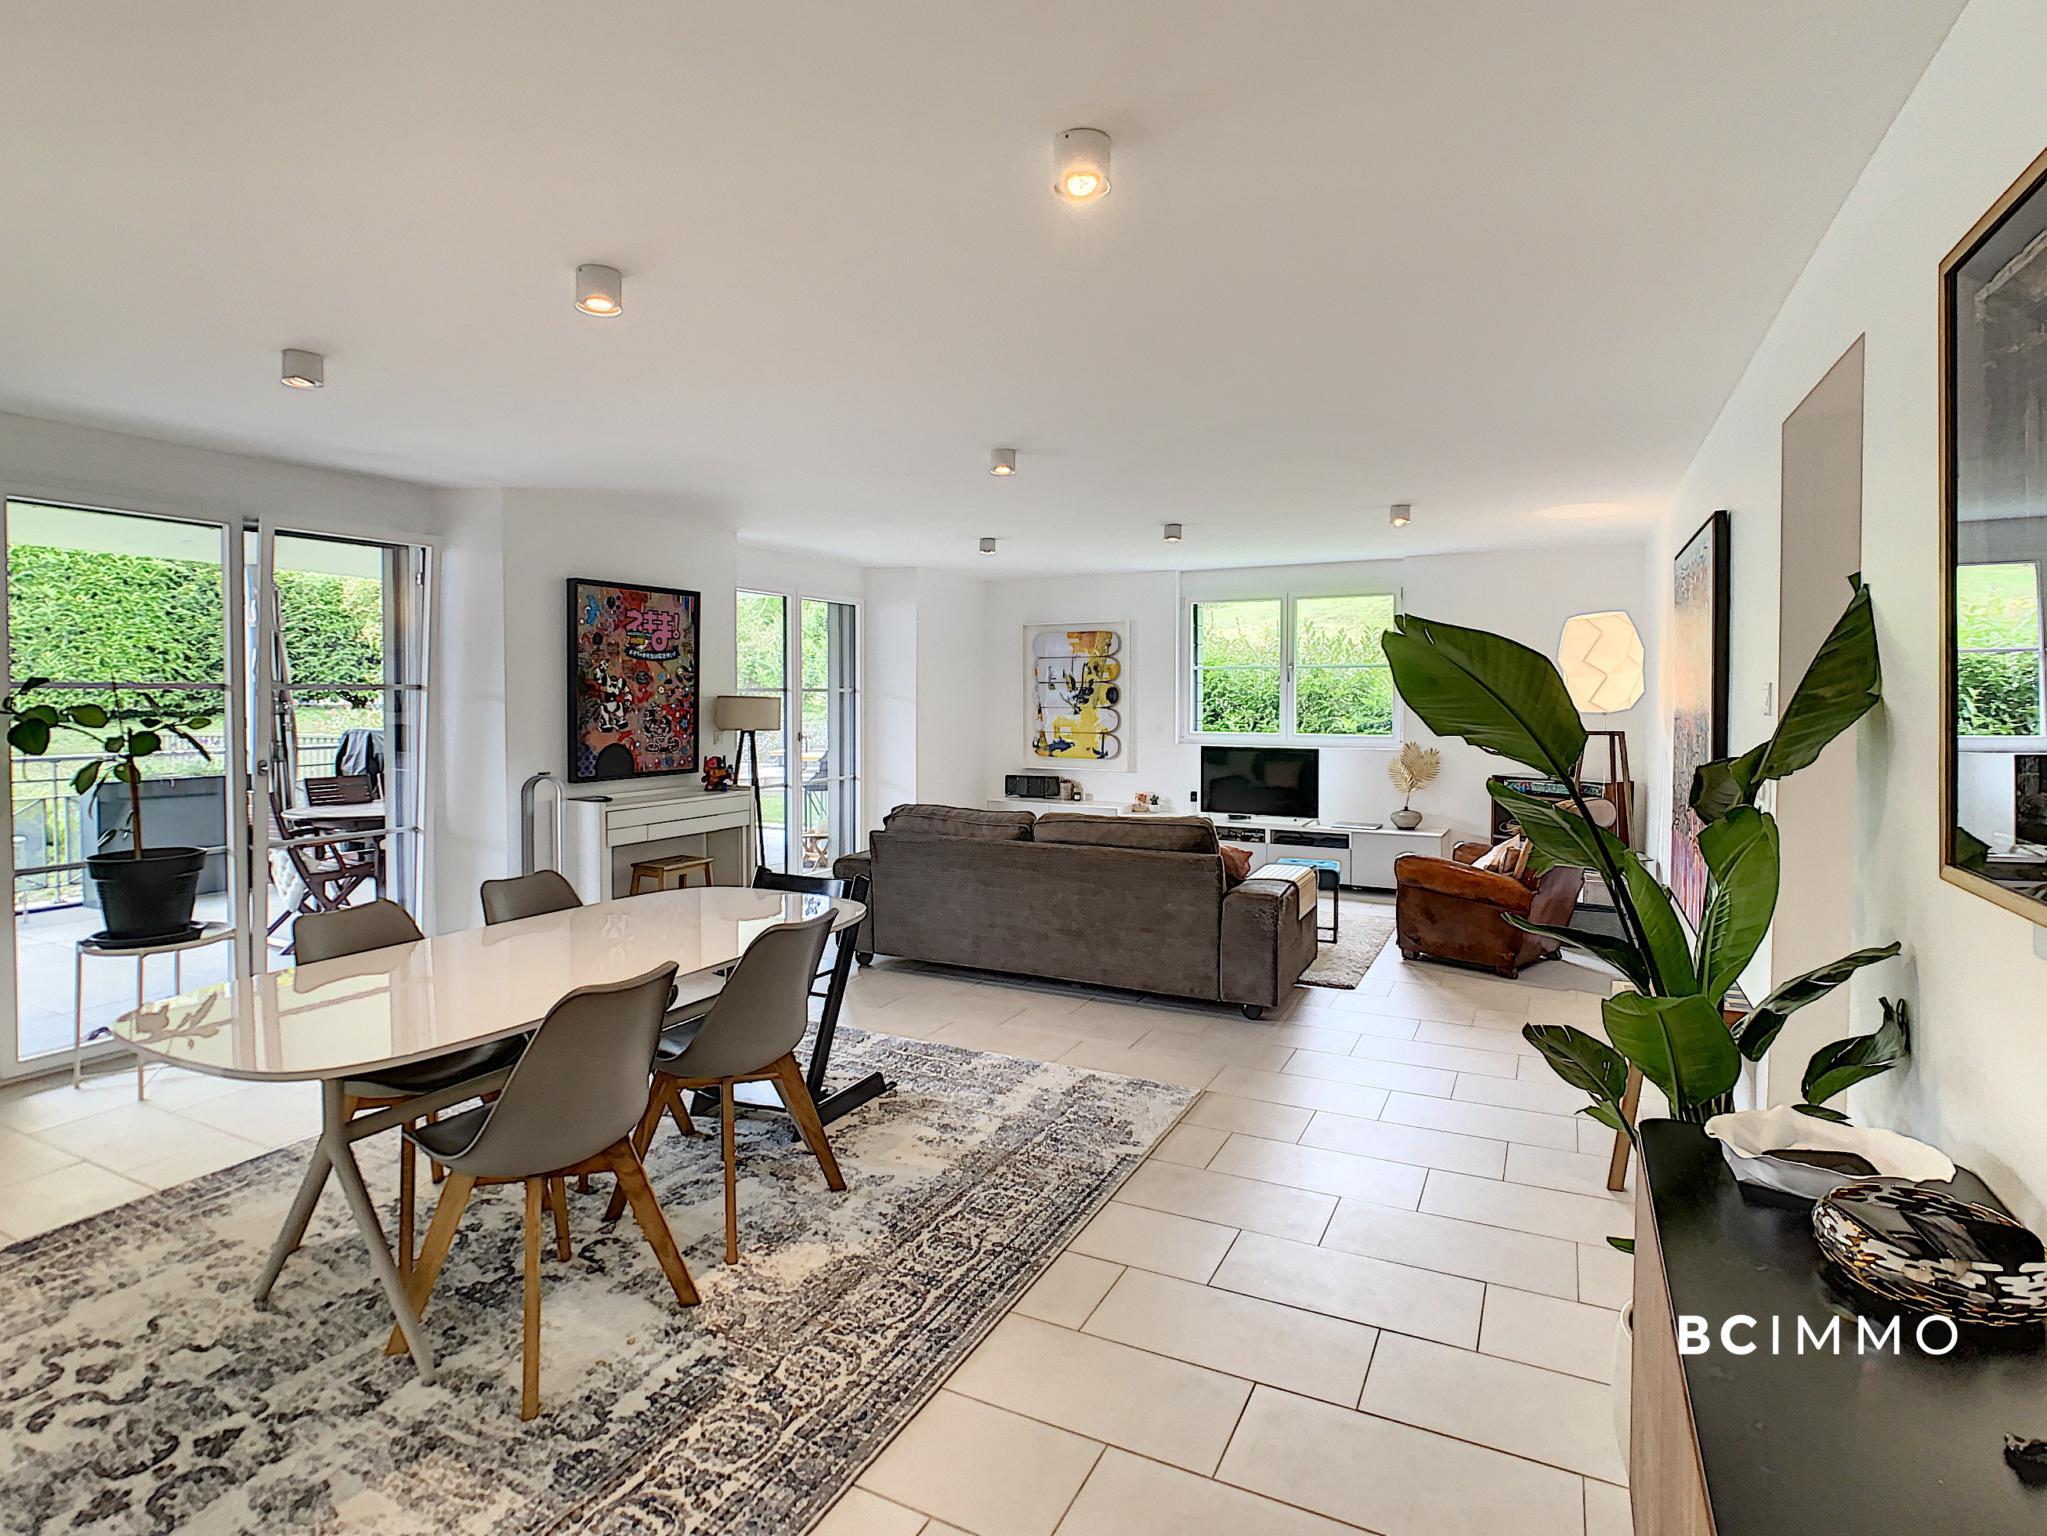 BC Immo - Magnifique appartement de standing avec terrasse et vue lac - GSA1806PC